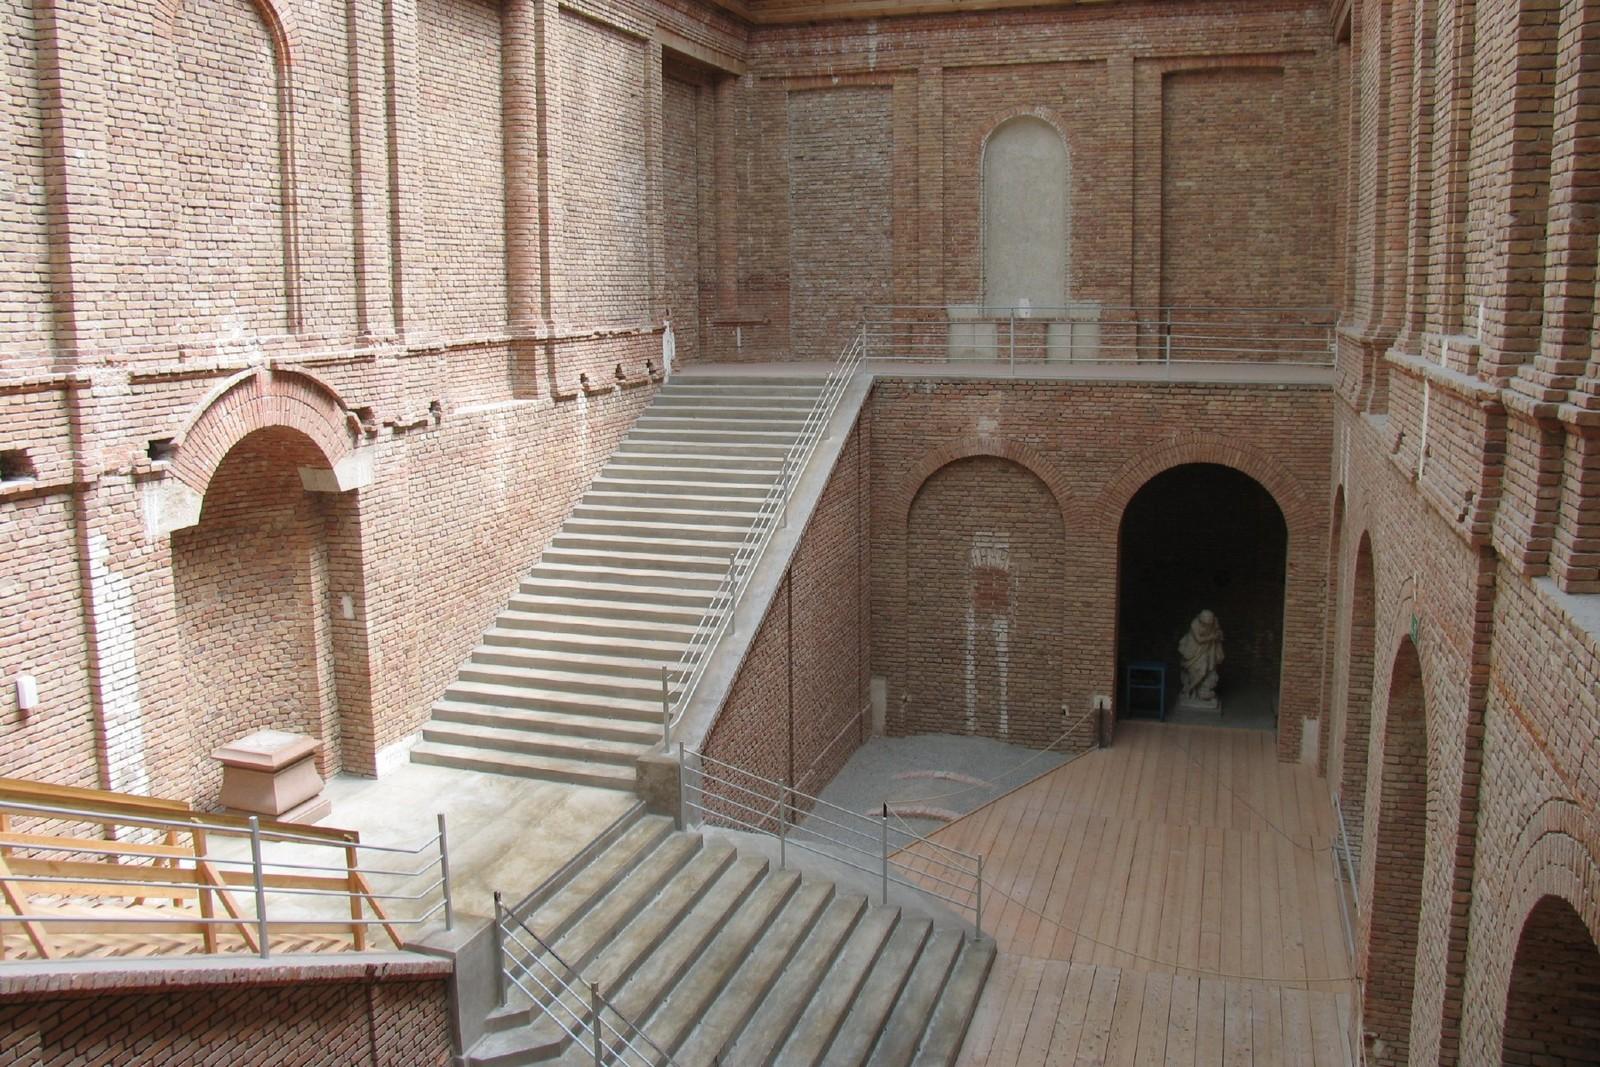 herrenchiemsee-treppenhaus-rohbau.jpg